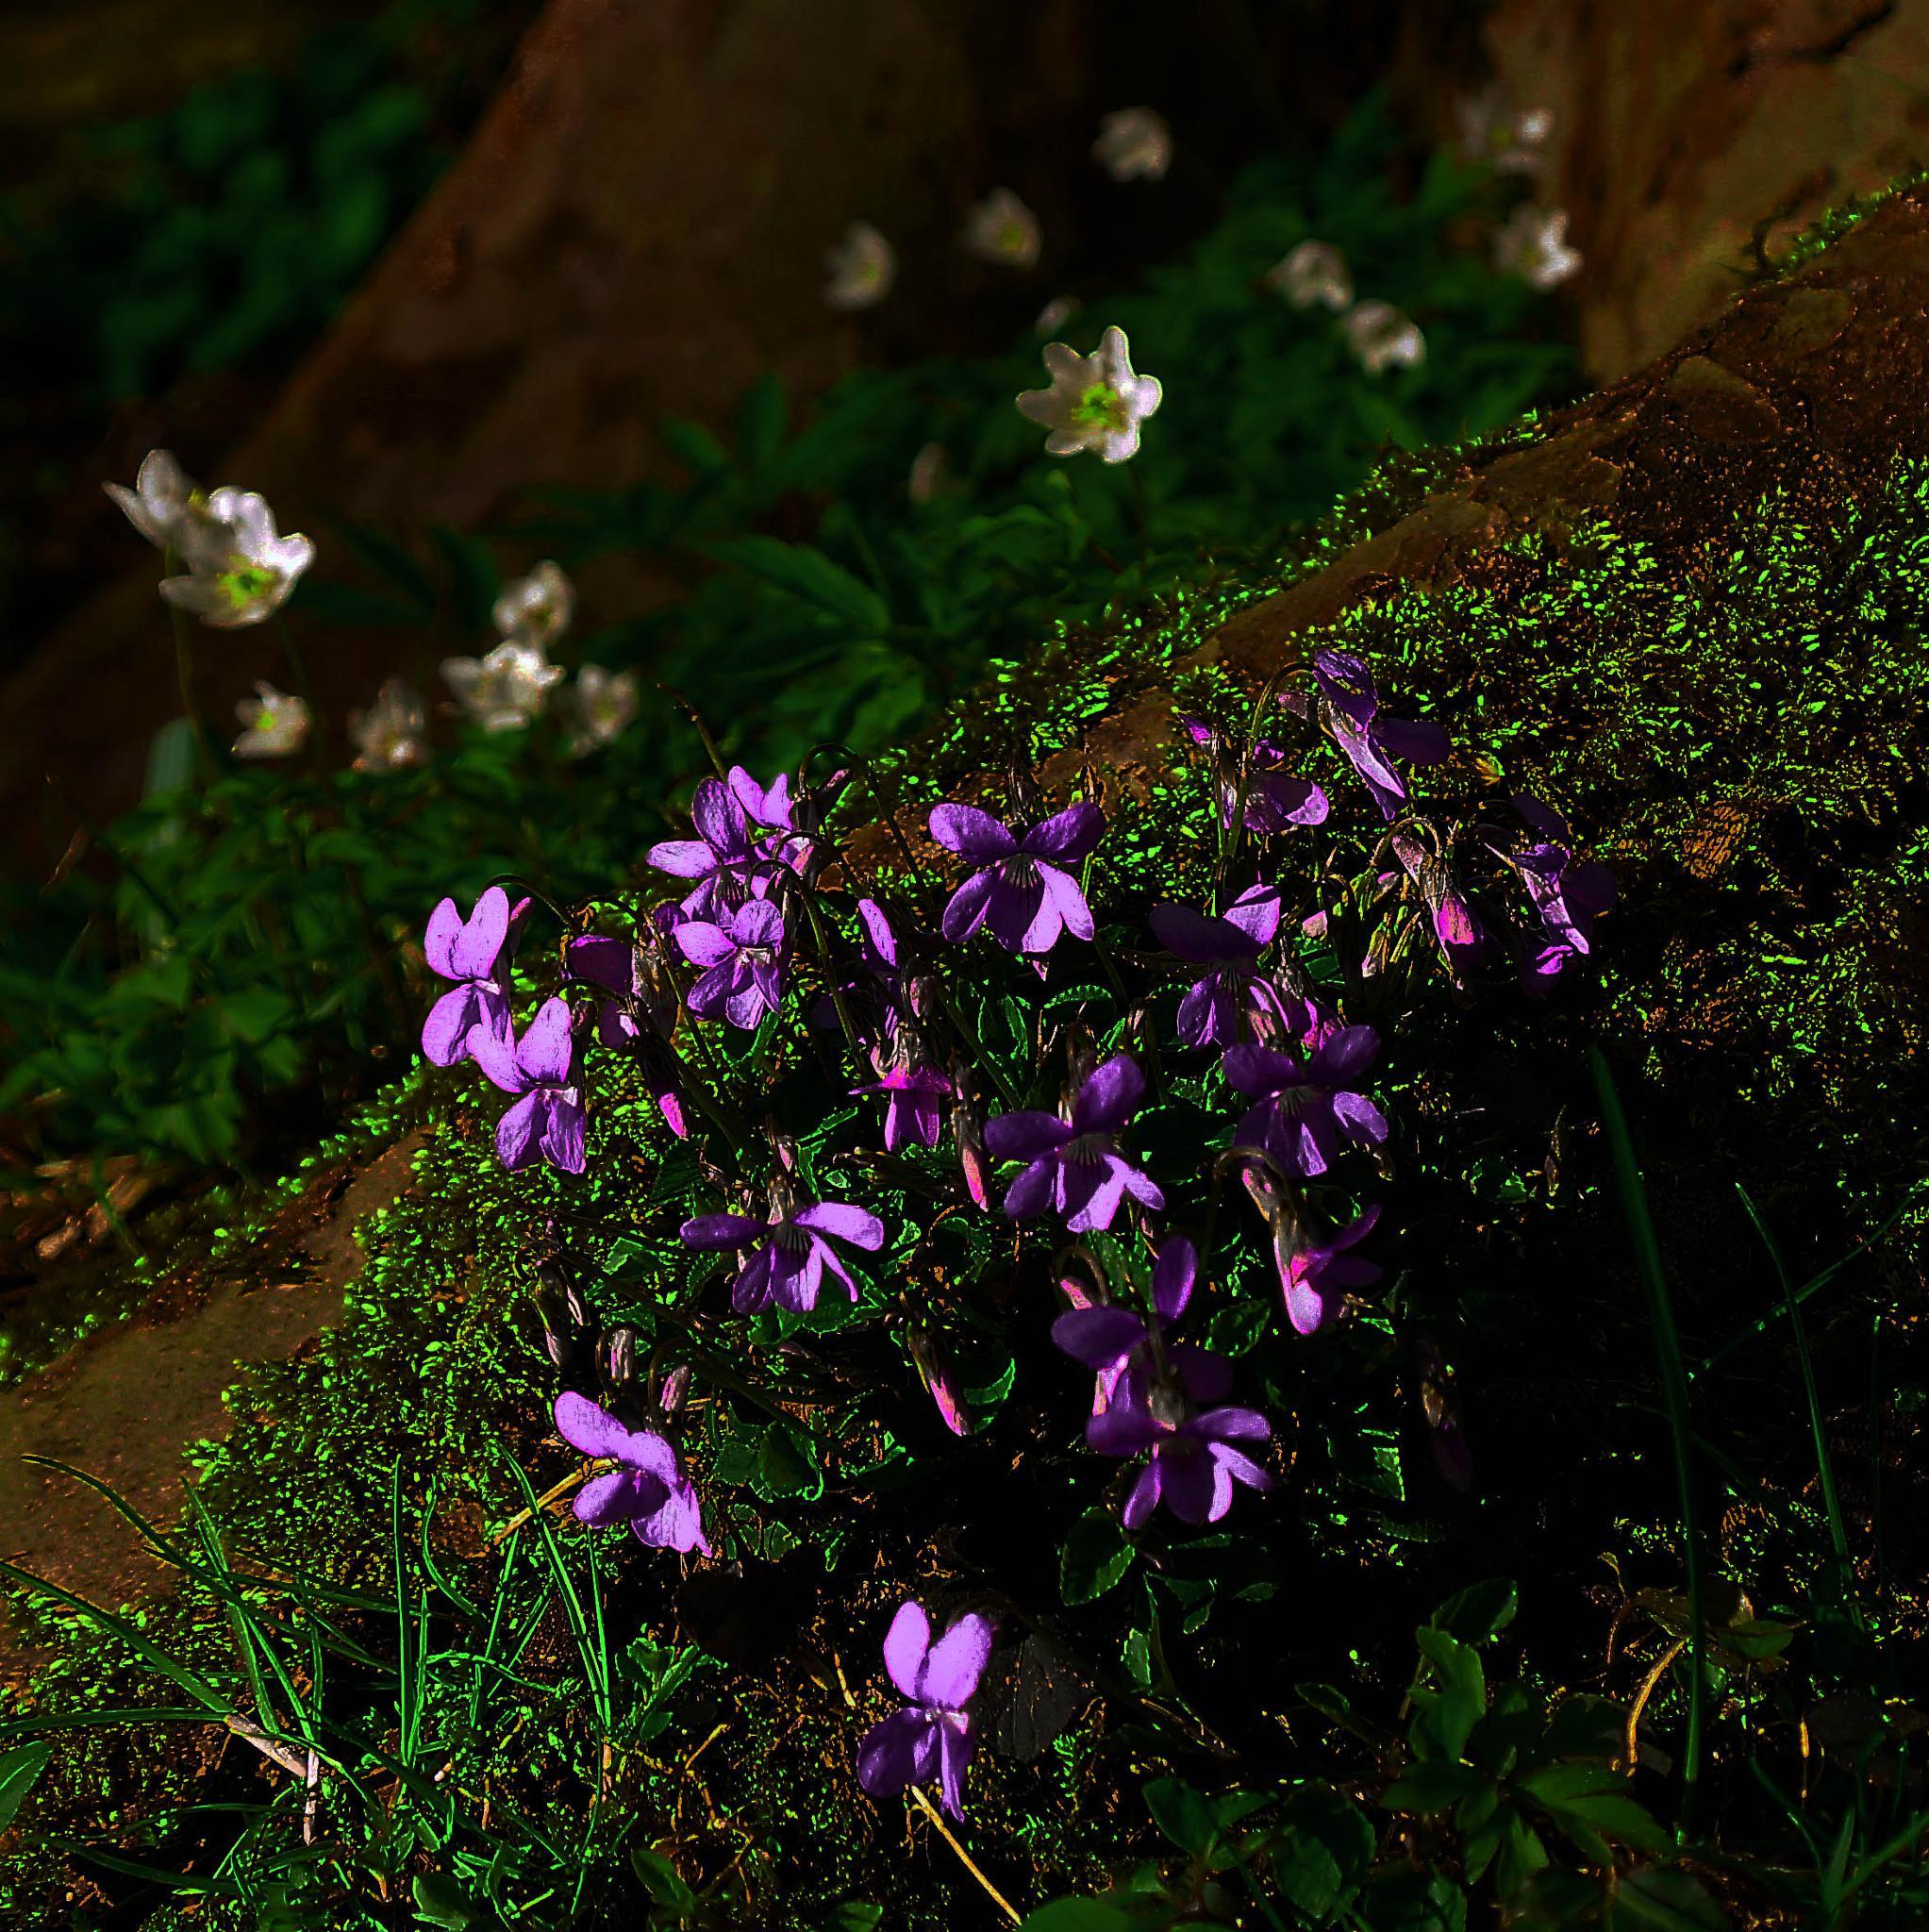 violets by sreten nakićenović